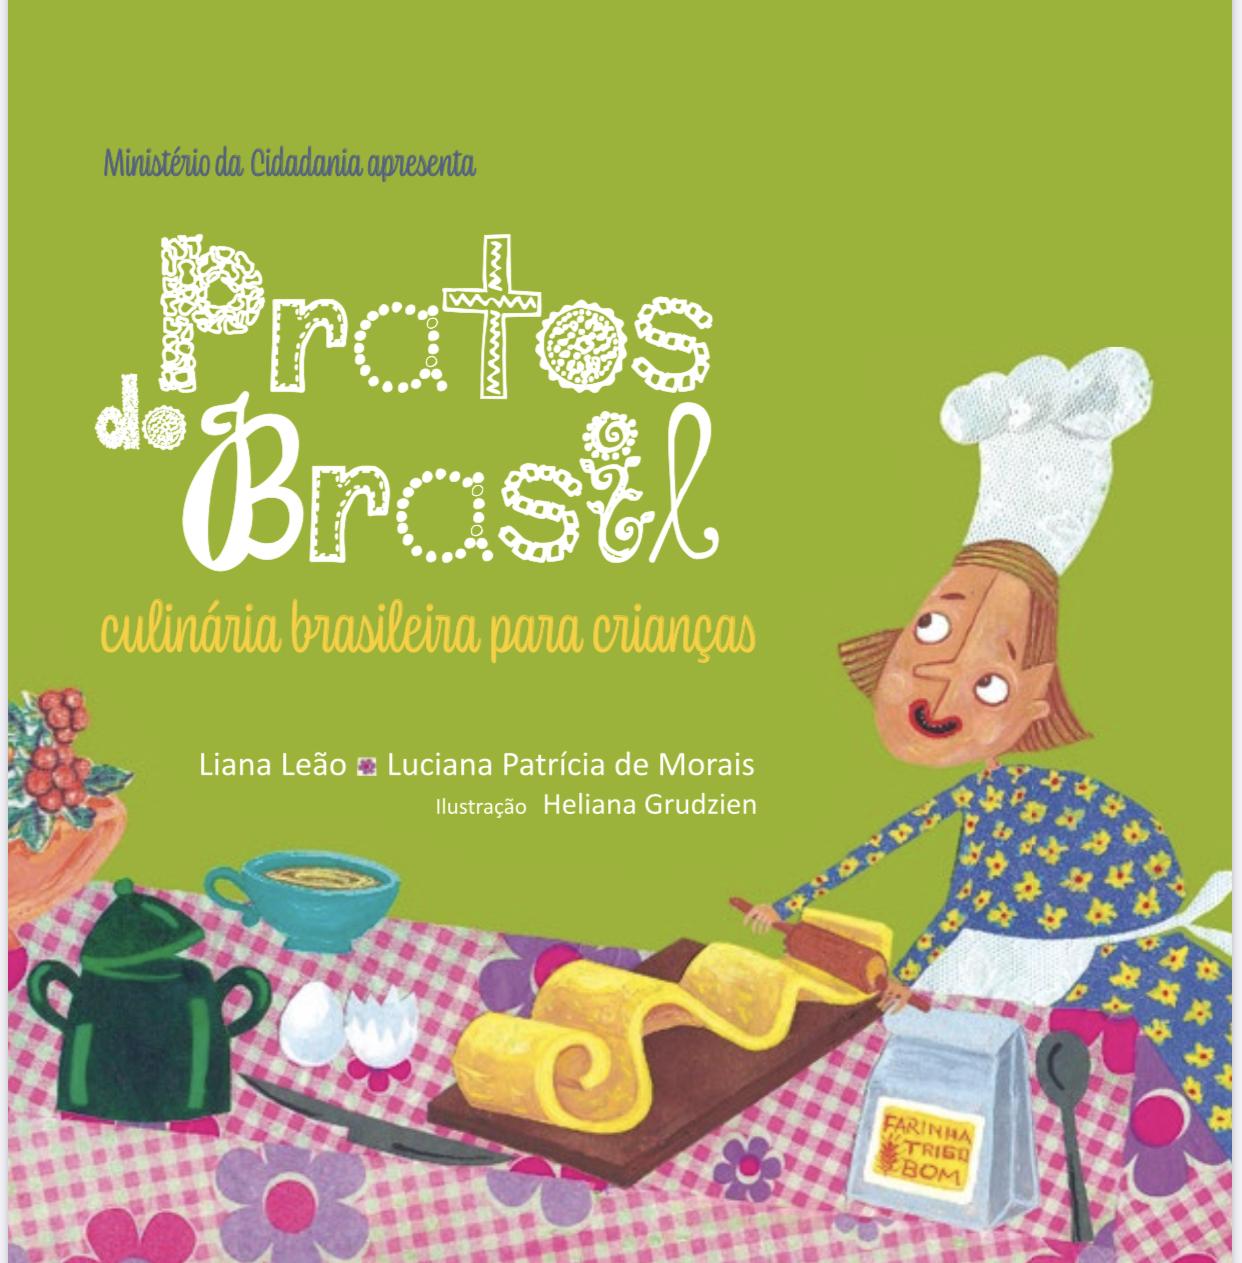 Pratos do Brasil: culinária brasileira para crianças